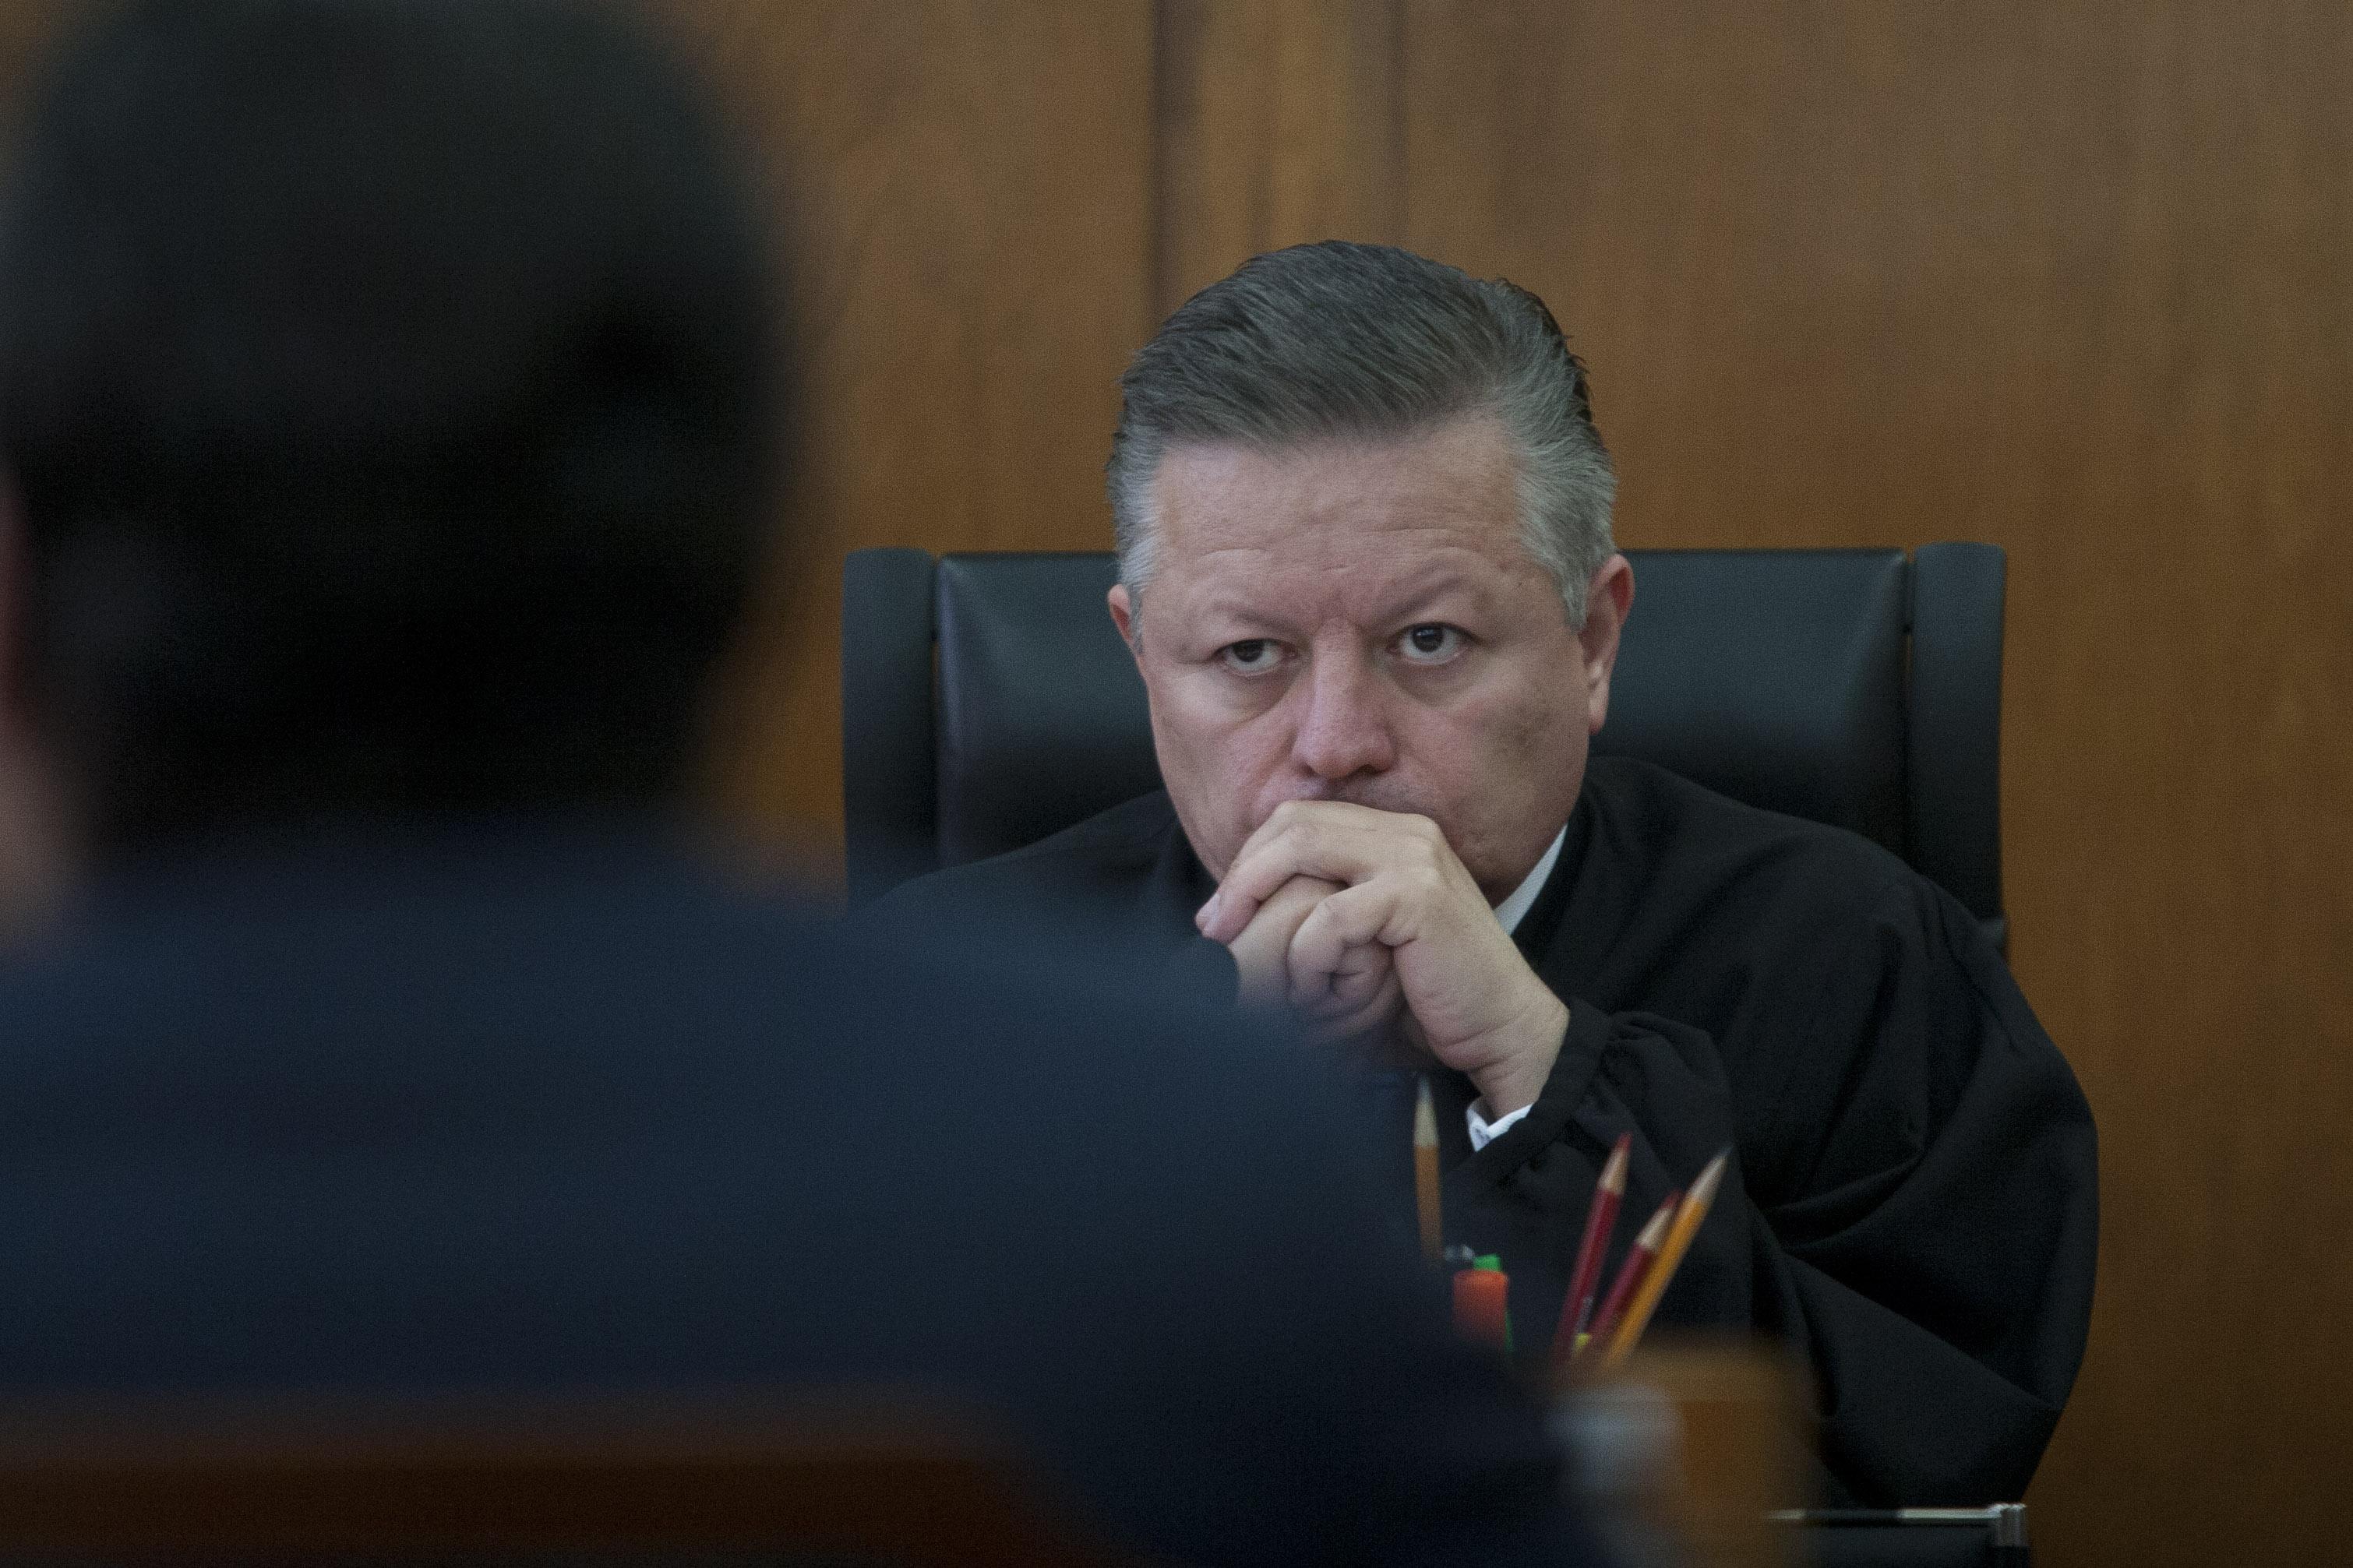 Arturo Zaldívar Ministro Presidente de la Primera Sala de la Suprema Corte de Justicia de la Nación (SCJN) (FOTO: GUILLERMO PEREA /CUARTOCURO.COM)